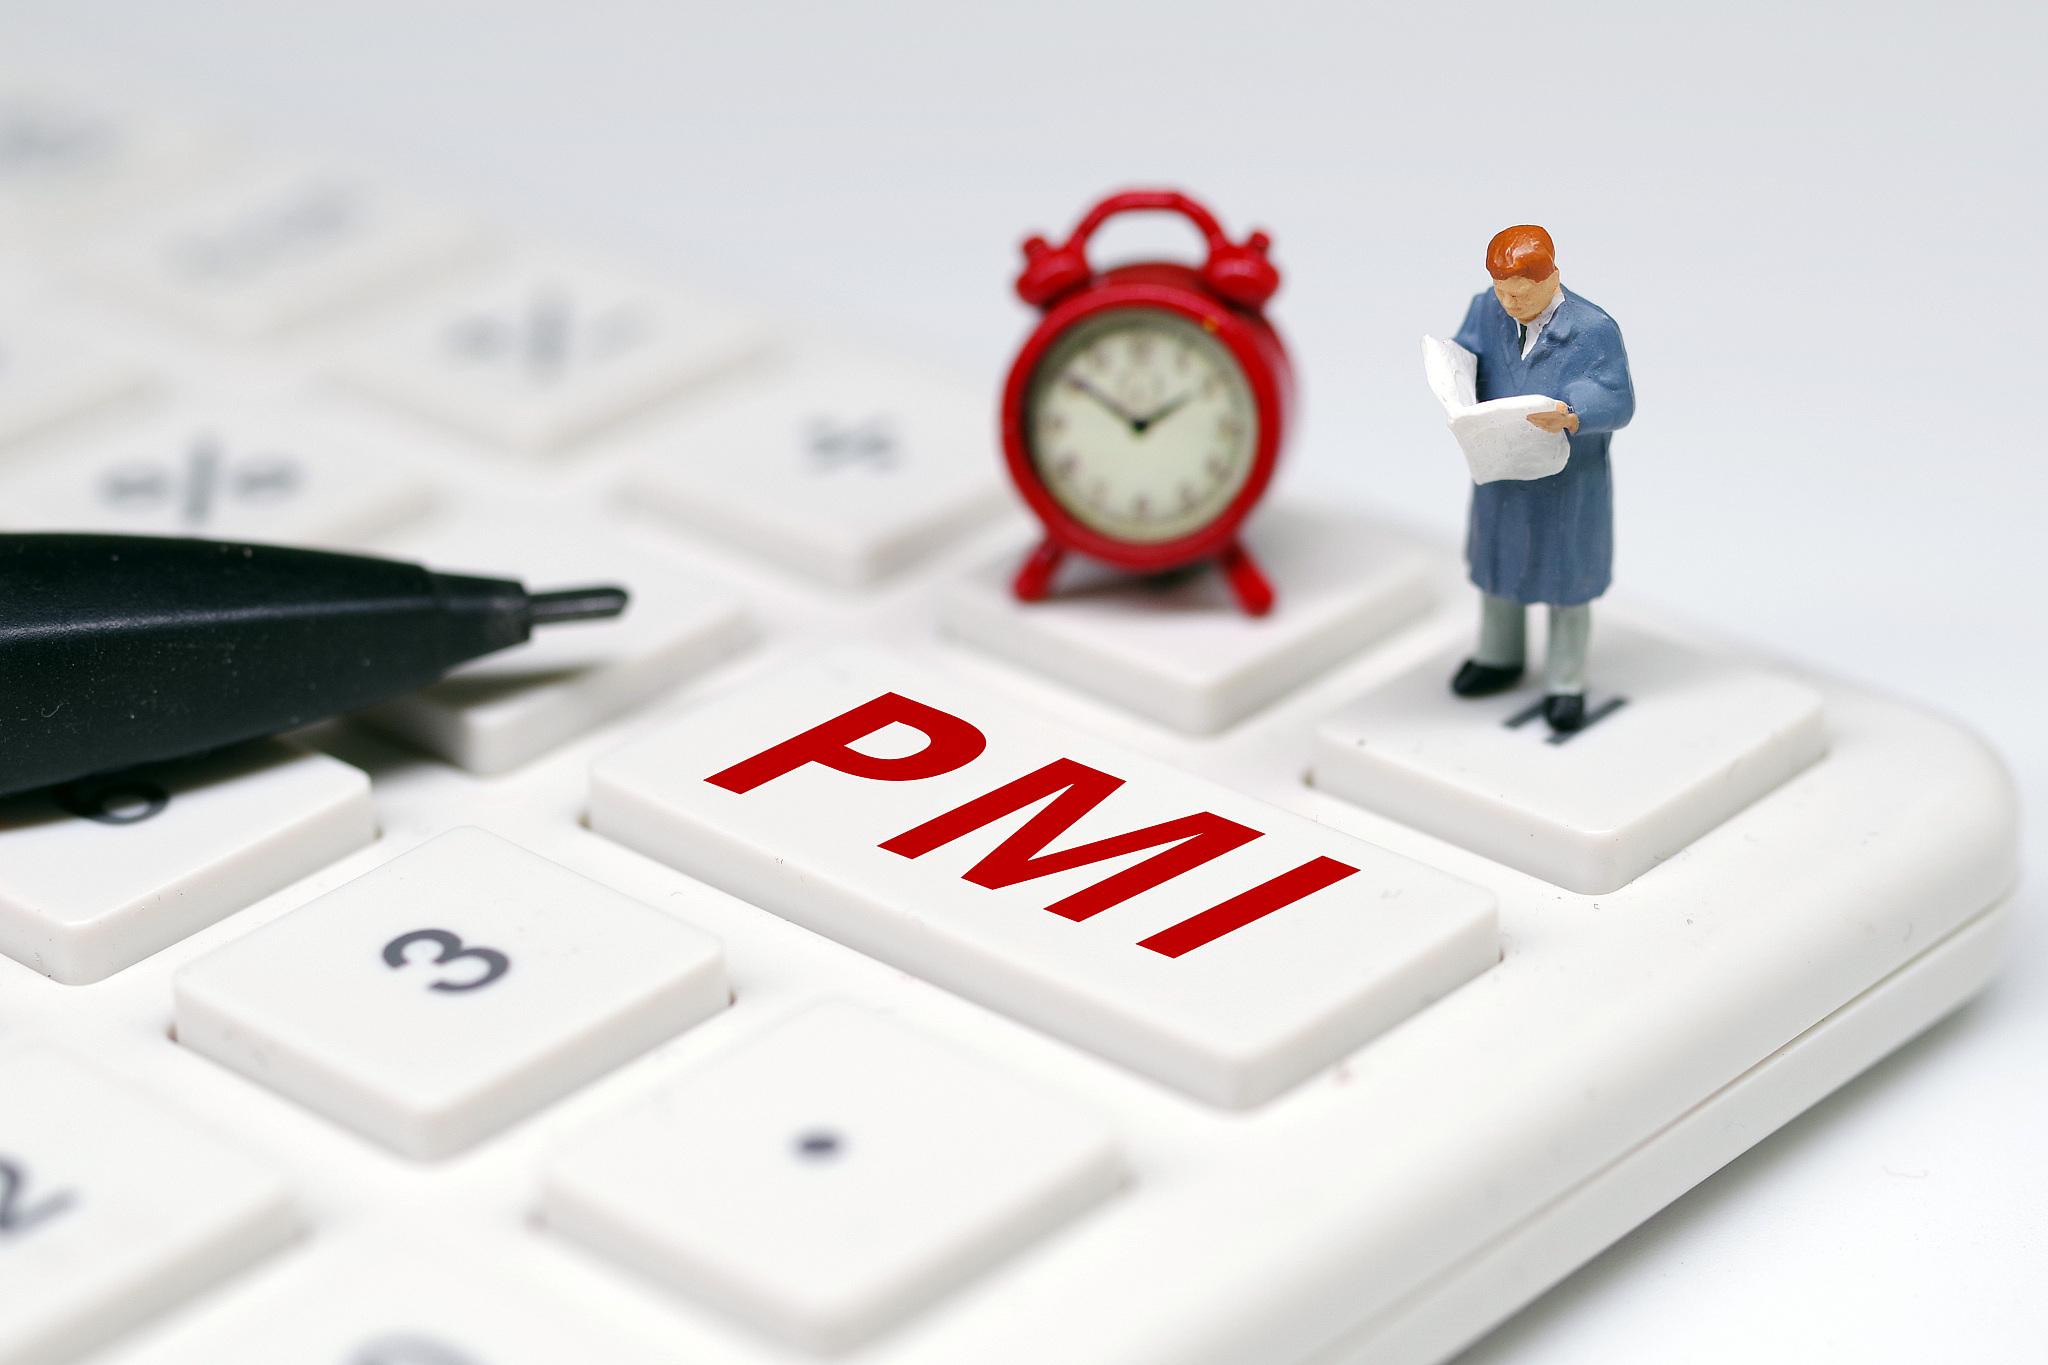 傲世皇朝平台国家统计局:4月制造业PMI为51.1%继续保持在扩张区间 我国经济运行持续稳定恢复